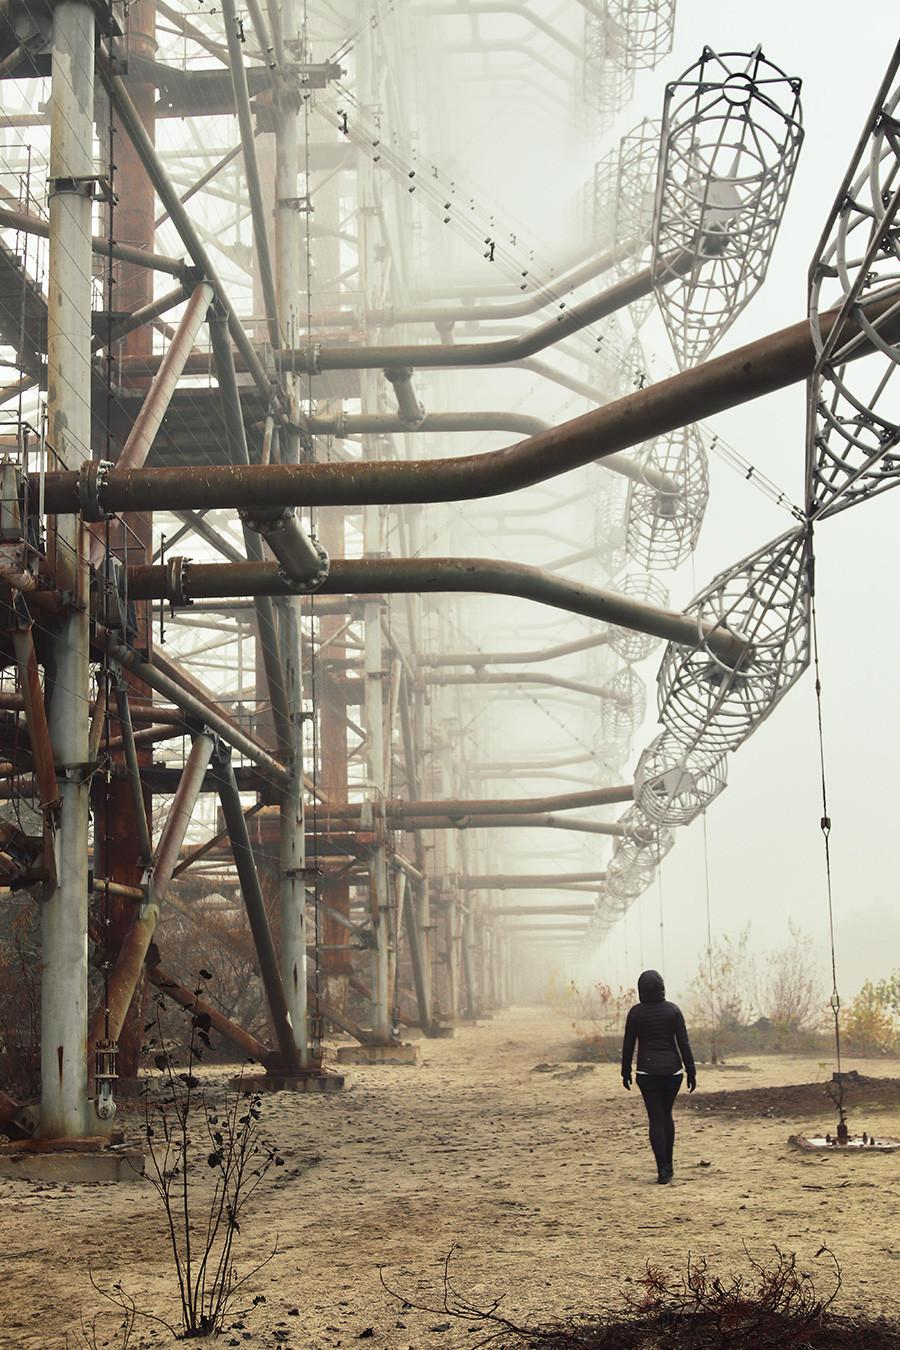 """Поранешниот воен радарски систем """"Дуга"""" во Чернобилската зона на отуѓување, Украина. Денешен изглед, поглед одозгора."""